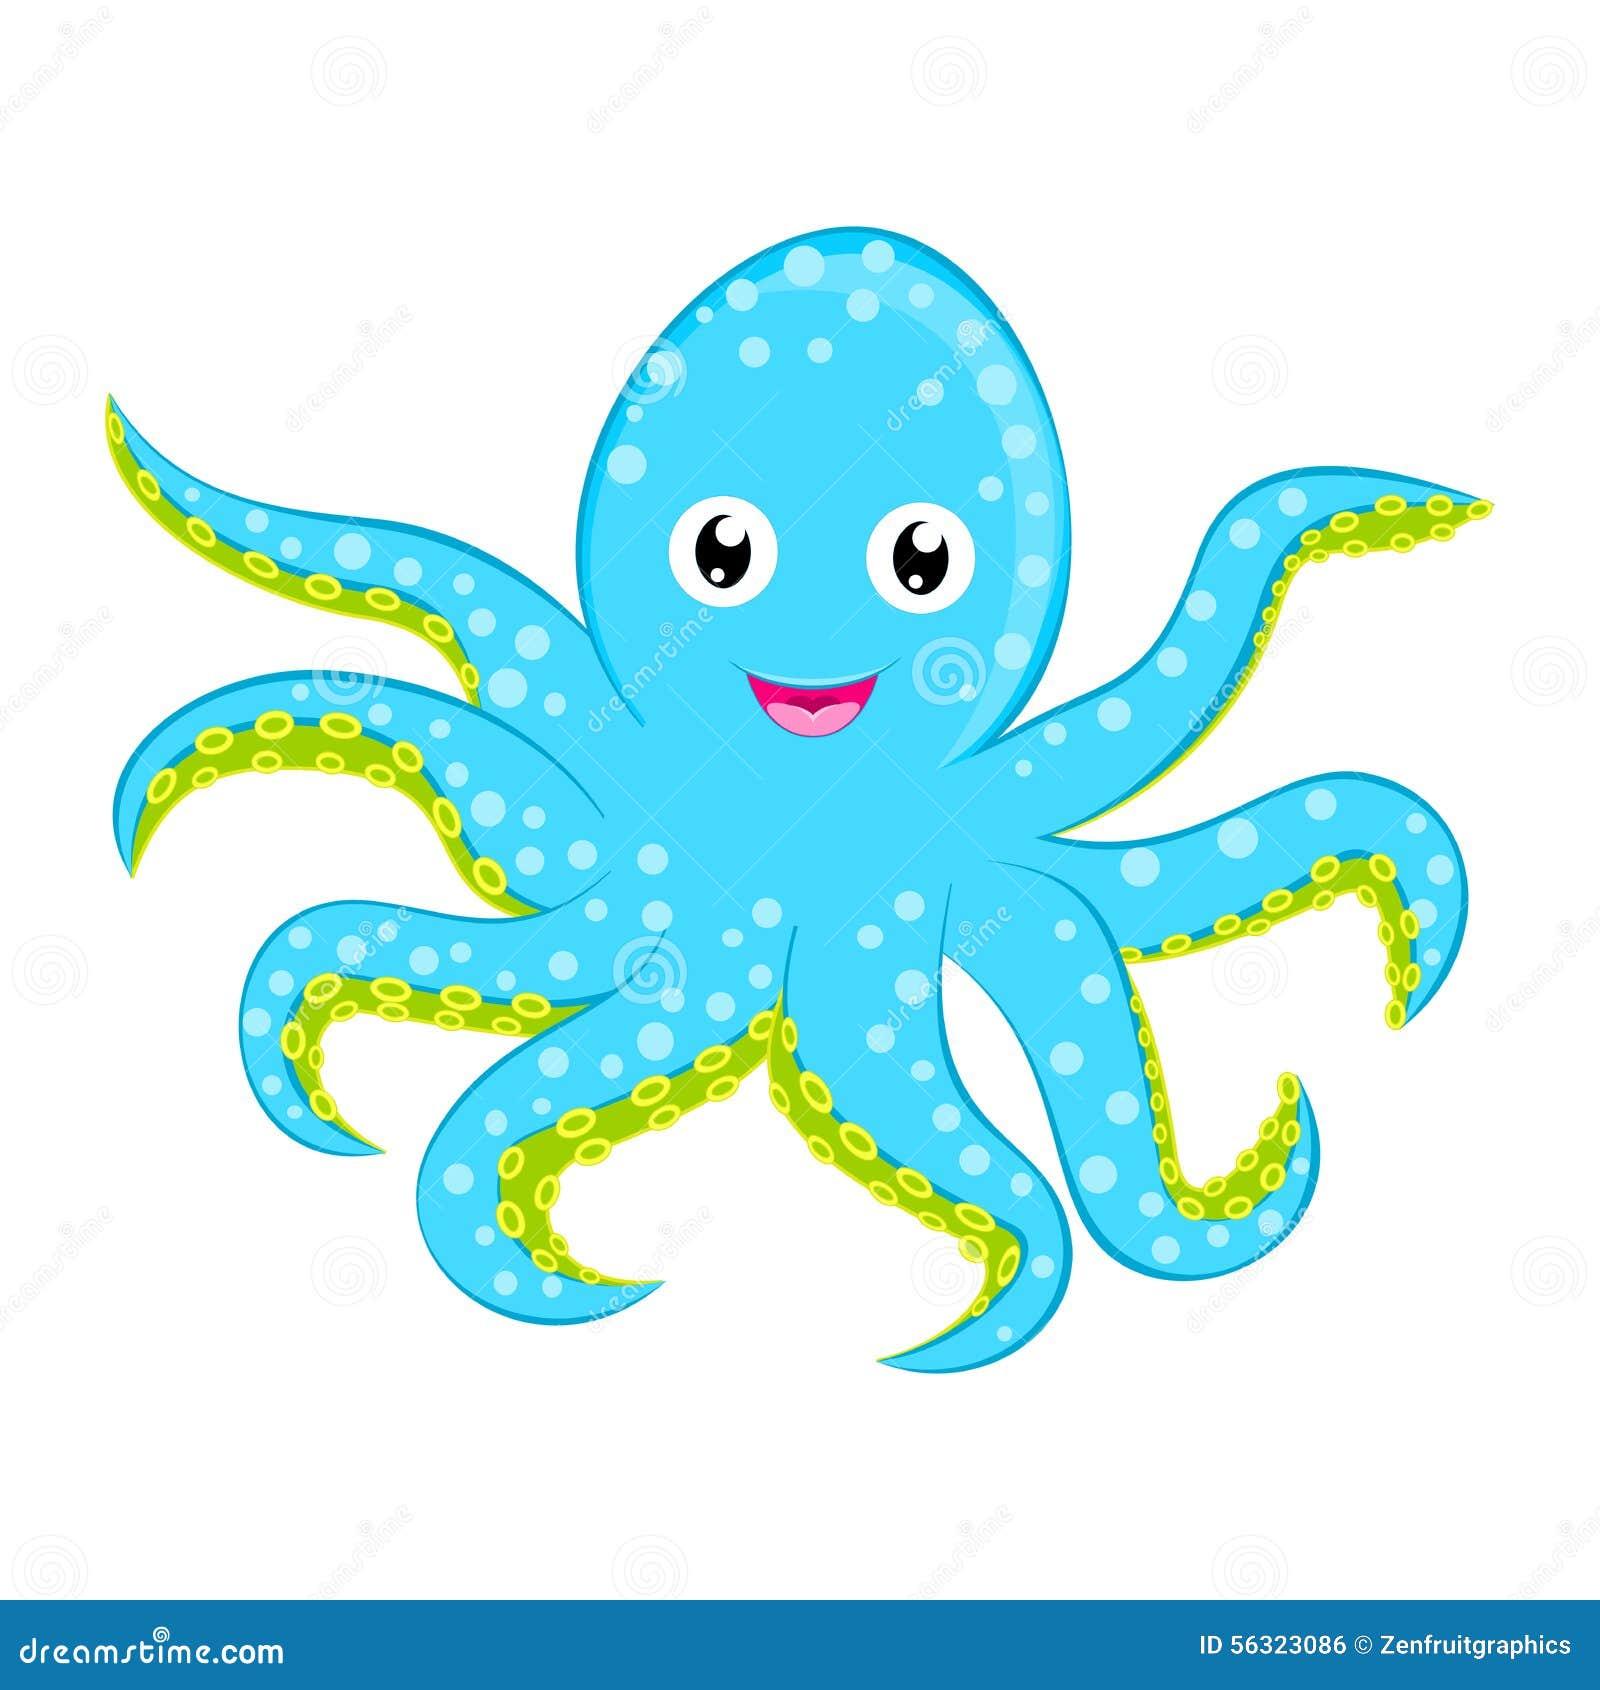 Personaje de dibujos animados manchado azul ciánico lindo aislado en el animal blanco del océano del fondo, vida marina, sonrisa